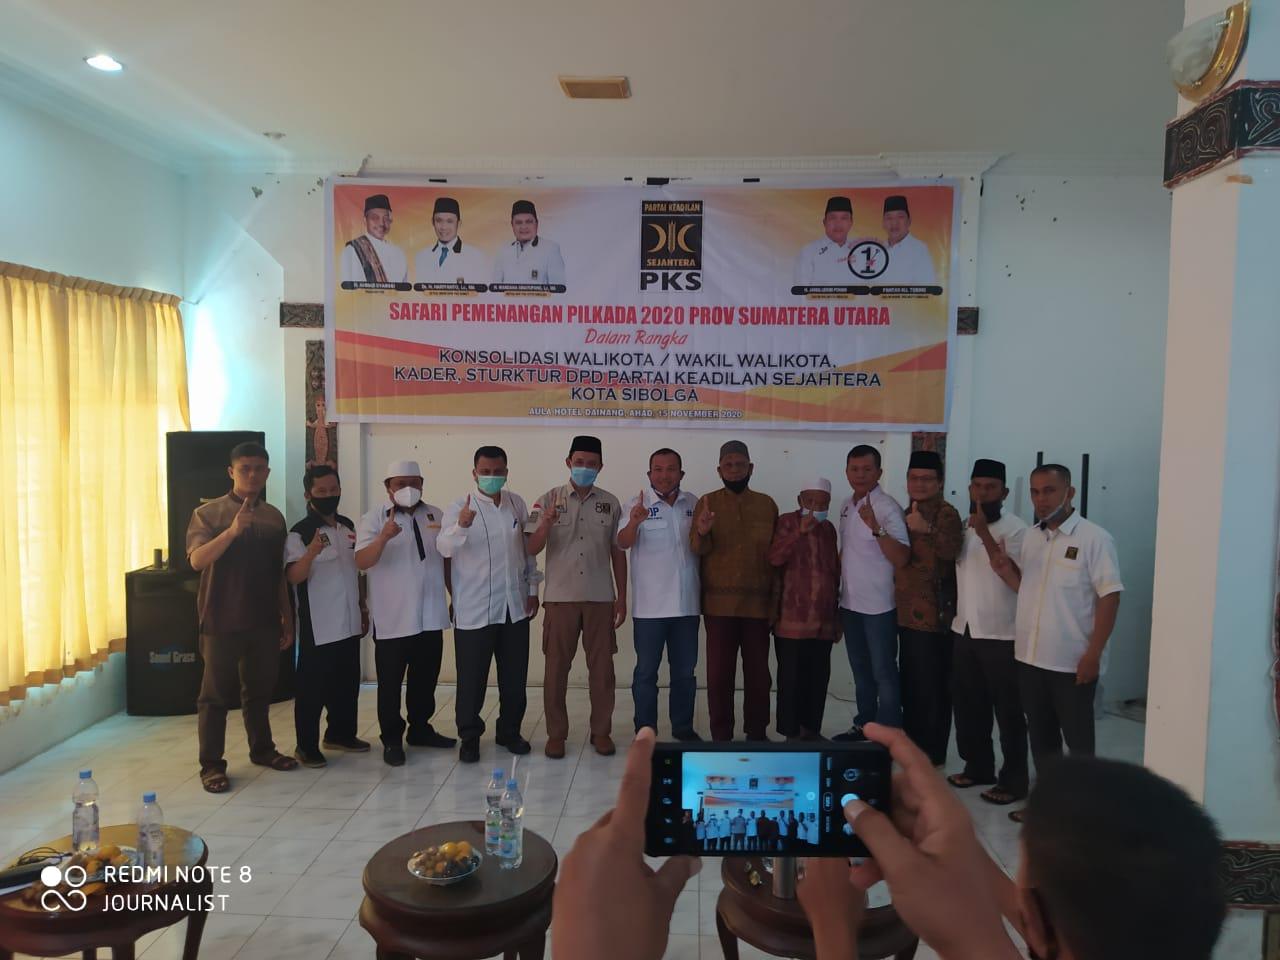 Calon Wali Kota Sibolga Jamaluddin Pohan saat menghadiri Safari Pemenangan PKS Sibolga di Hotel Dainang Sibolga. Foto: istimewa